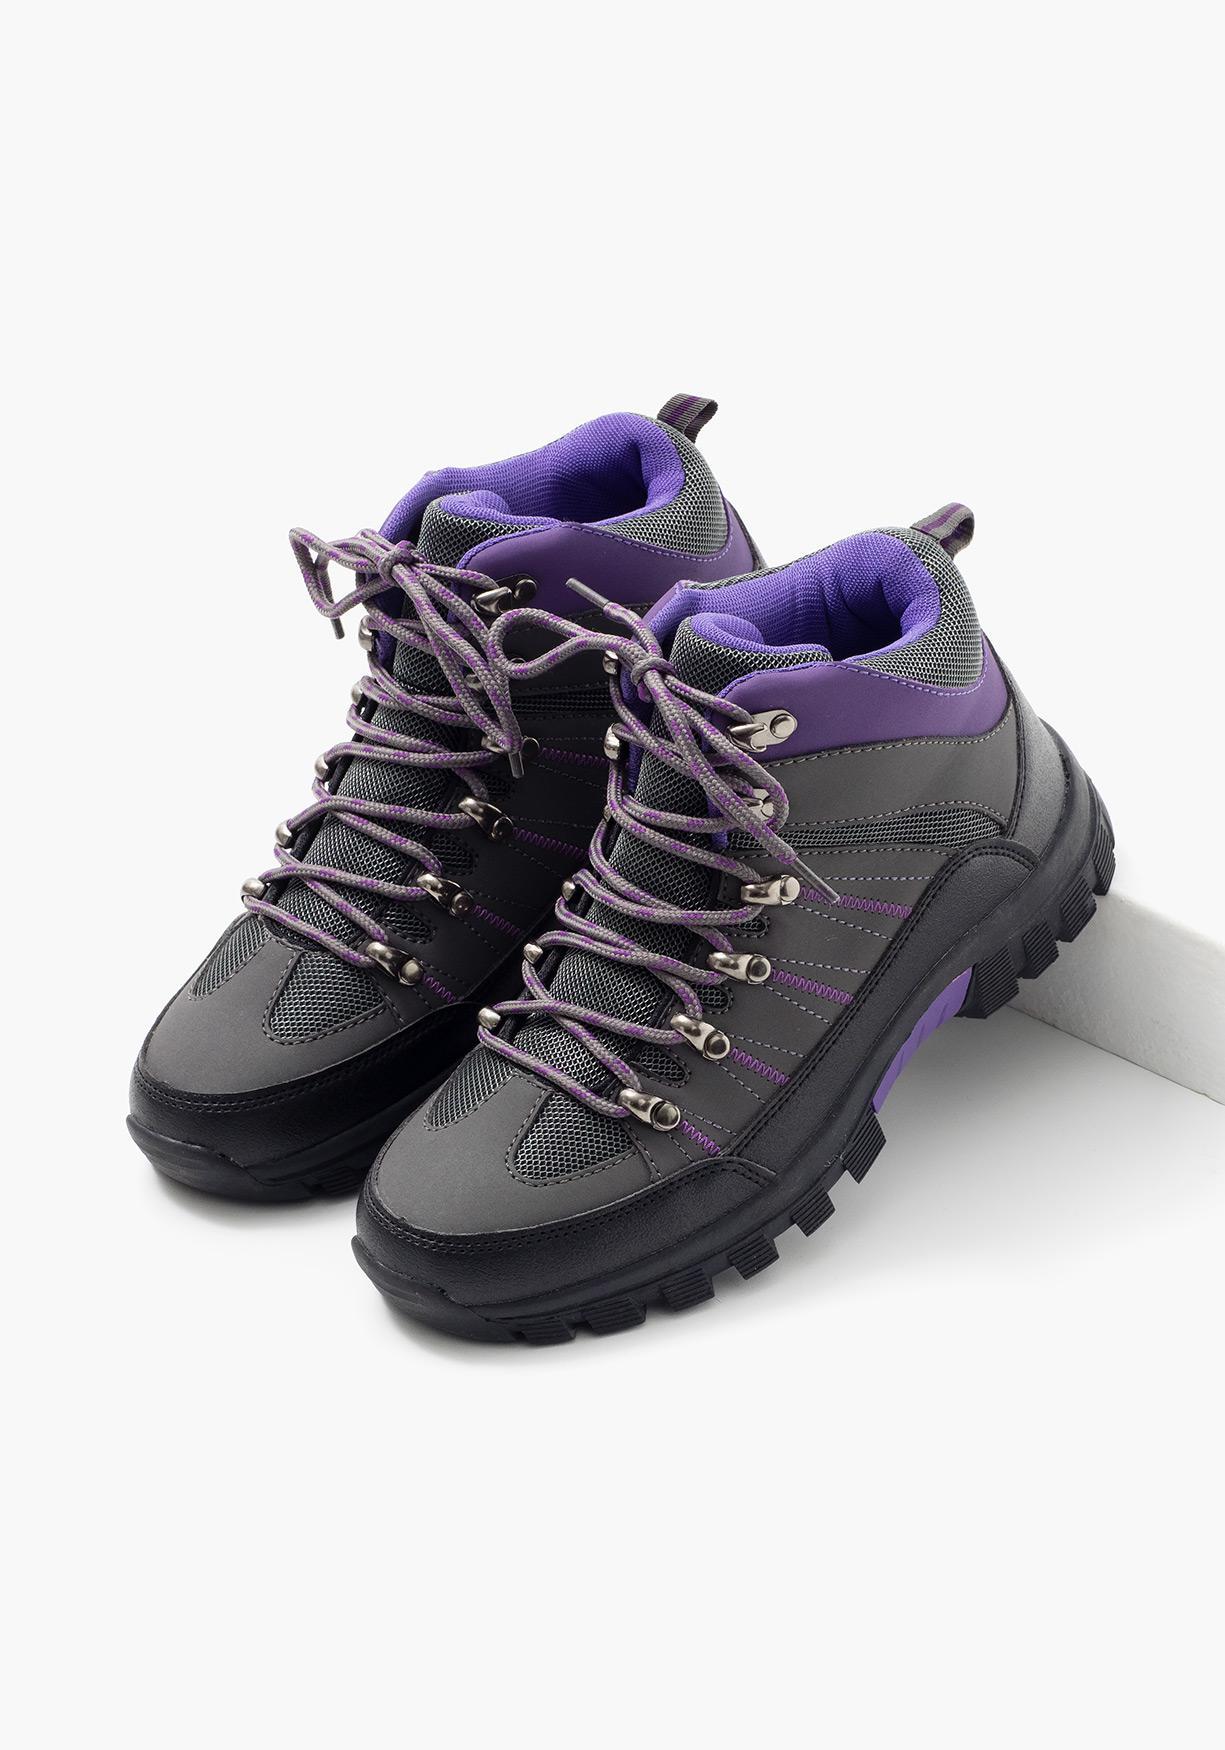 bb5435b13153f Comprar Botas de trekking TEX. ¡Aprovéchate de nuestros precios y ...